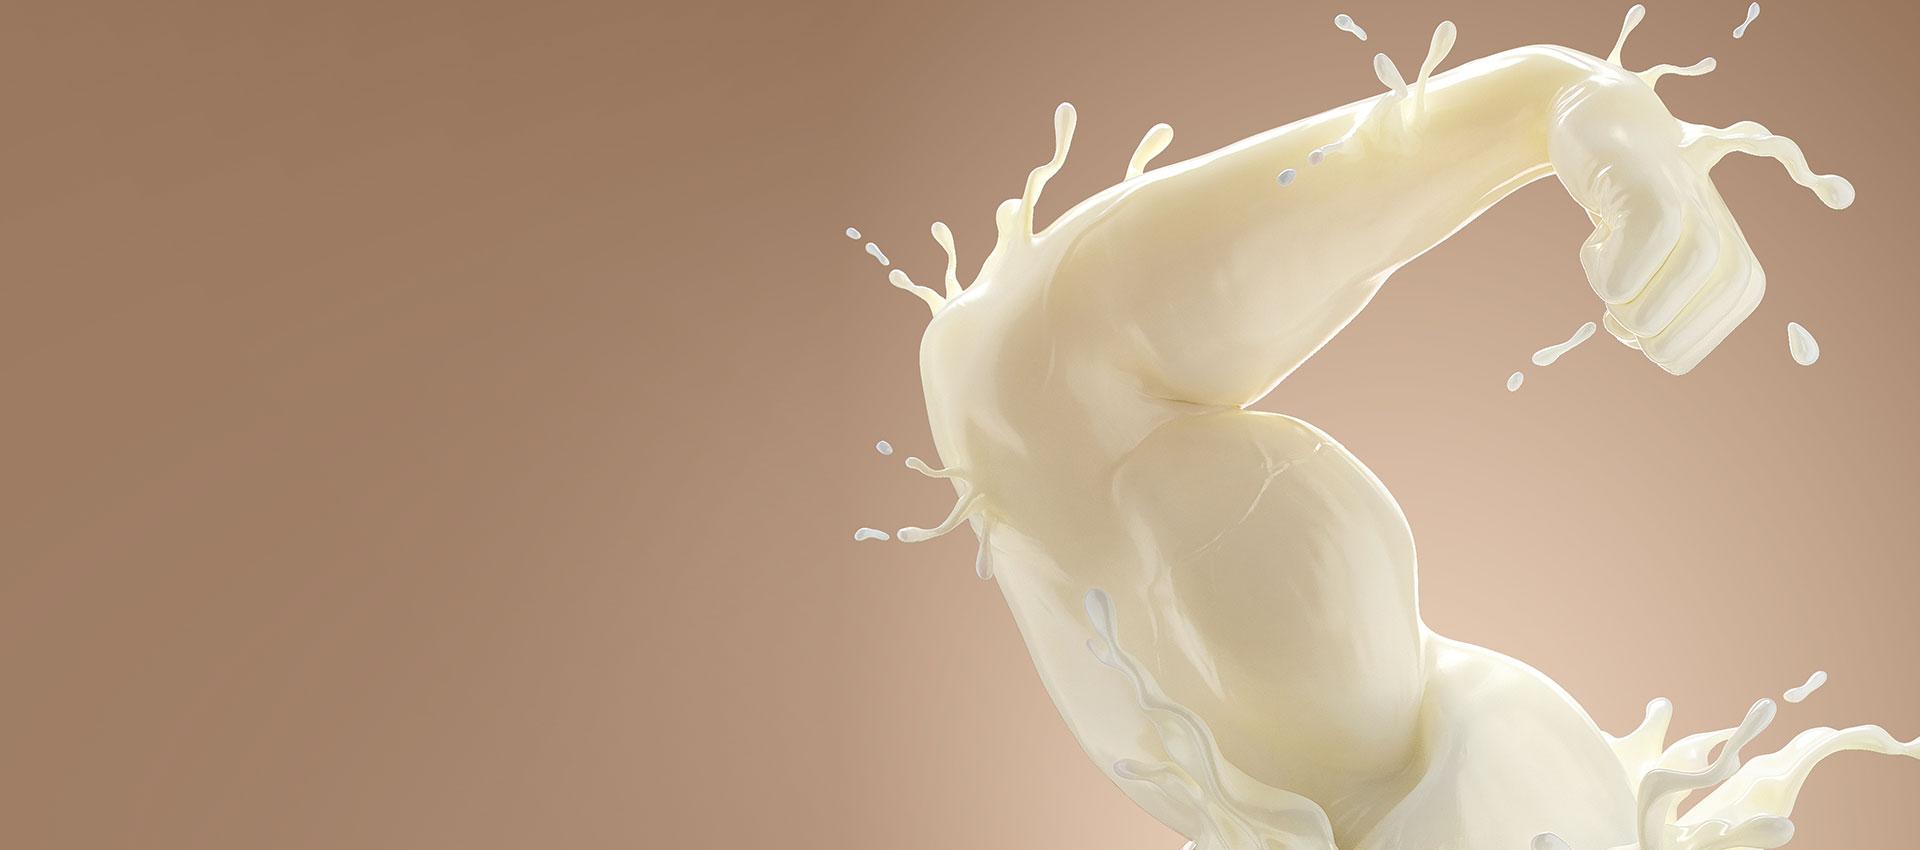 Další ze série kreativních 3D vizuálů pro produktovou kampaň